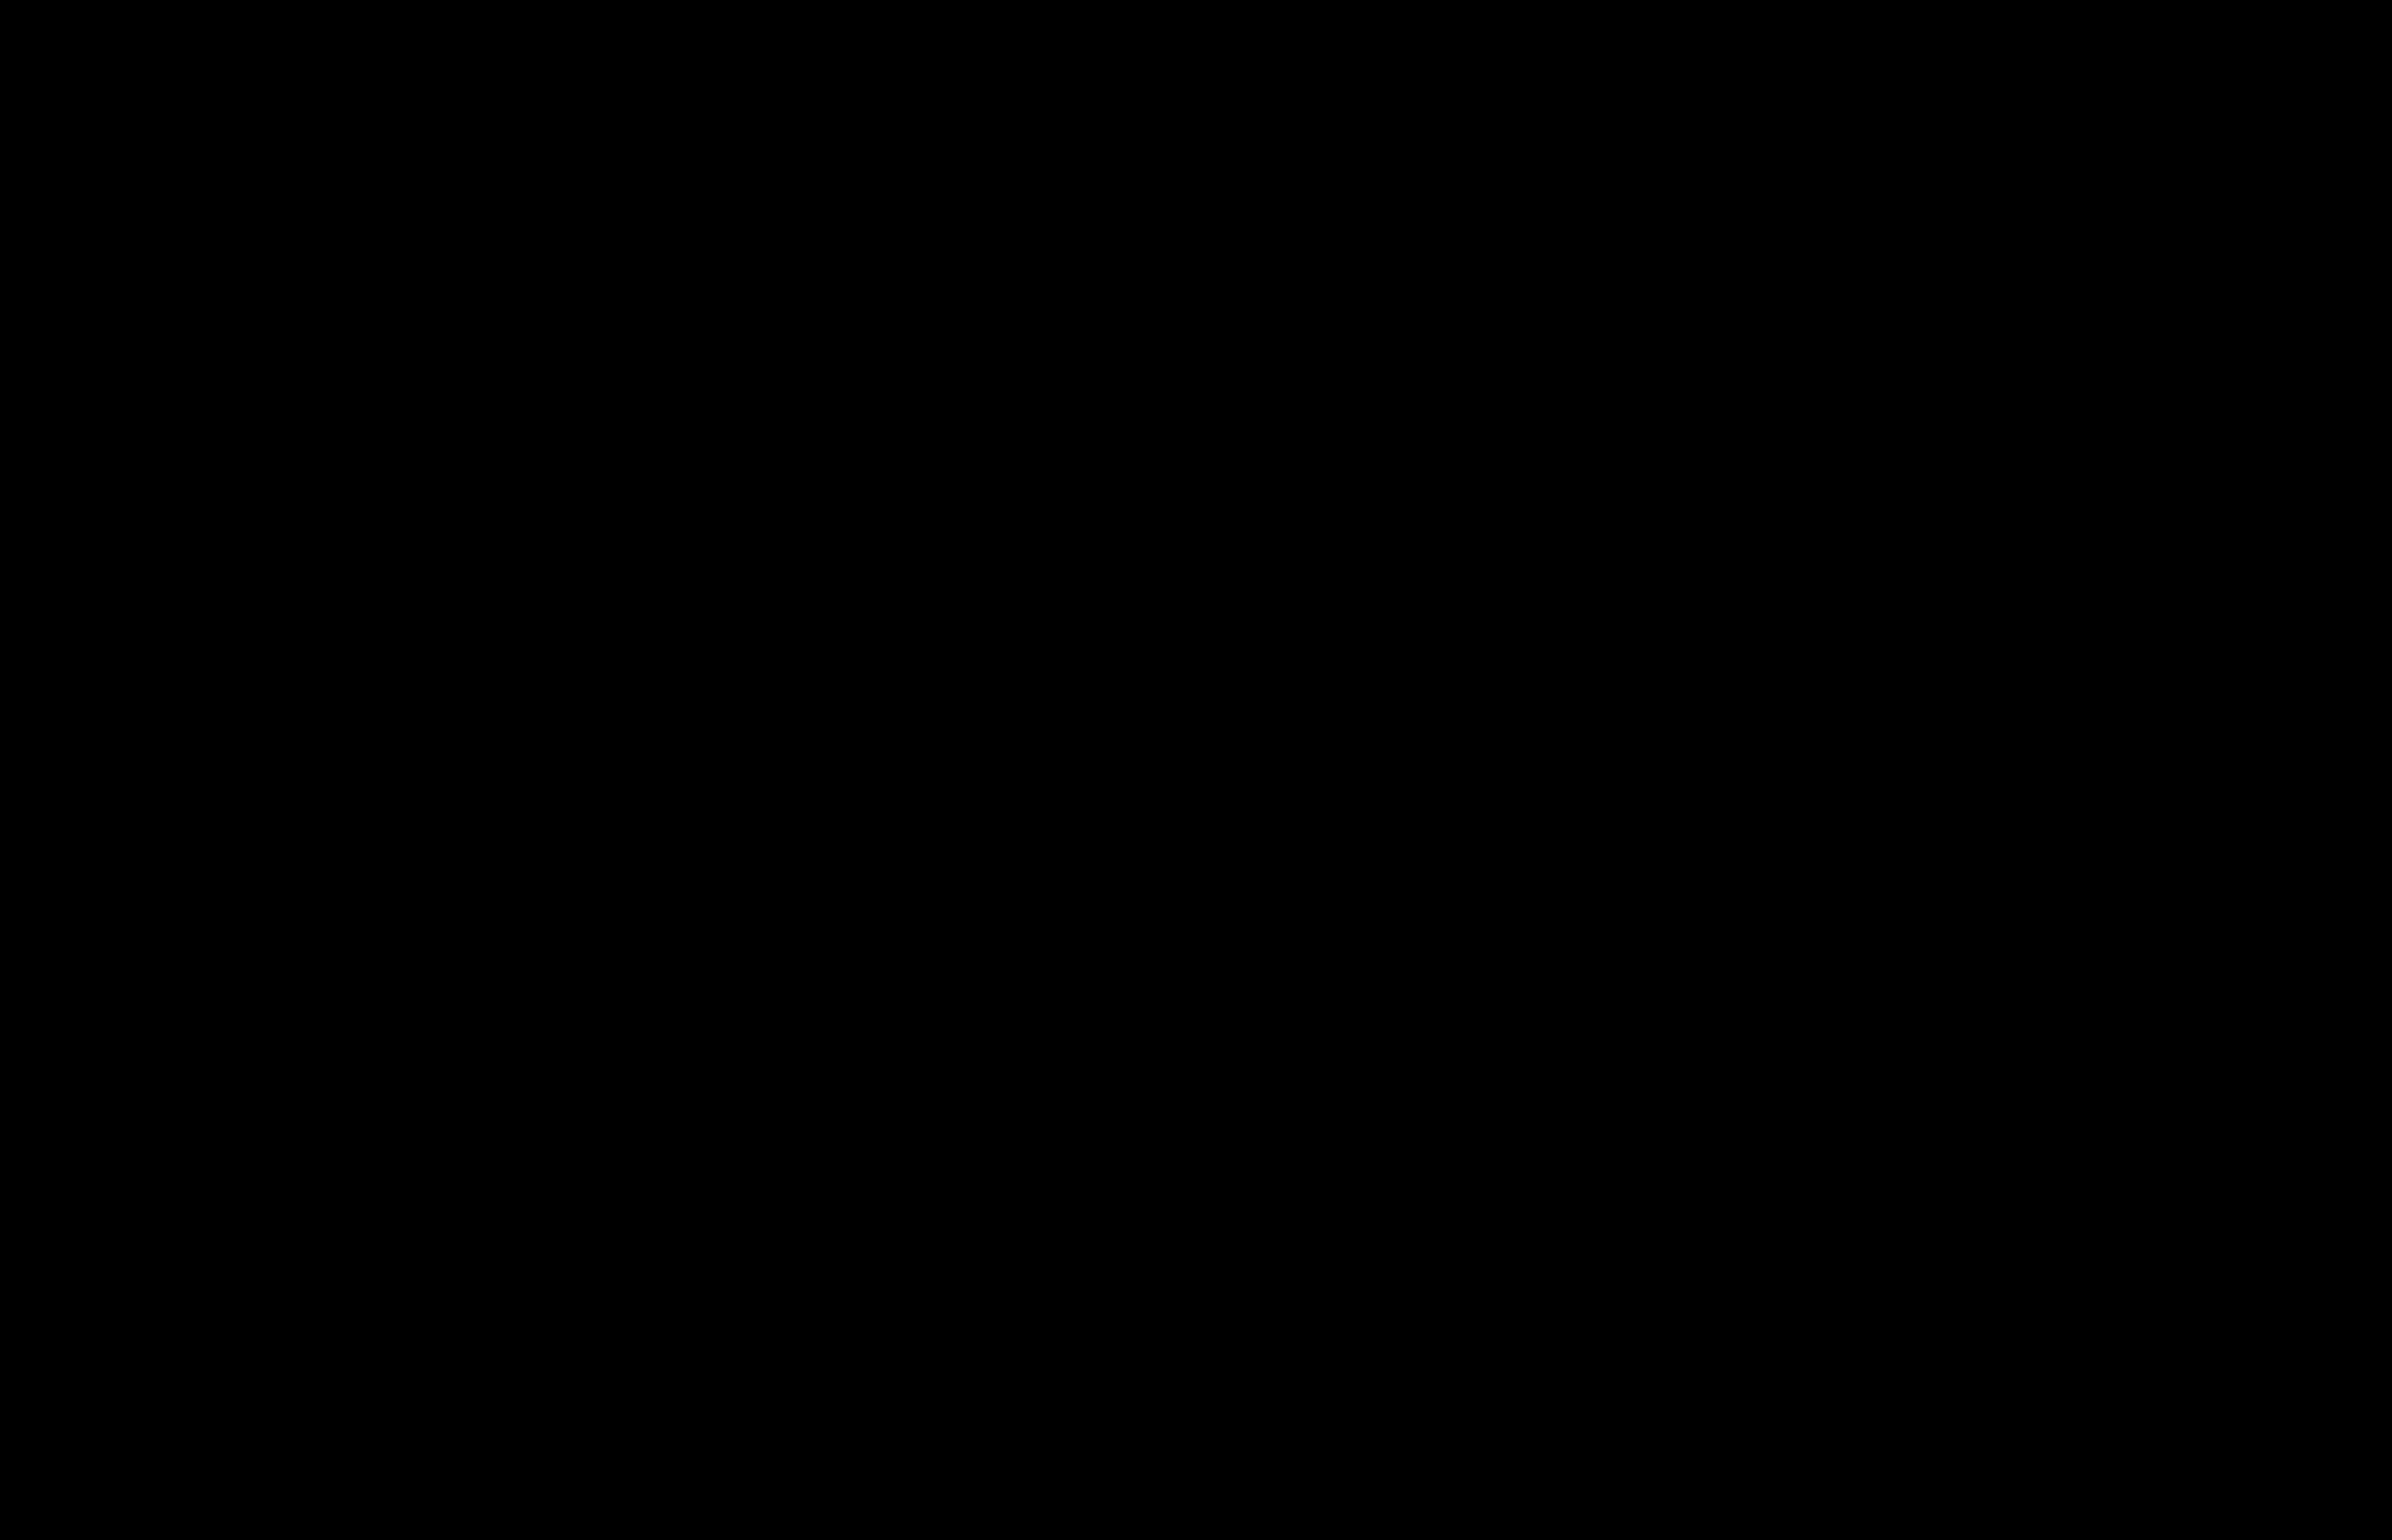 ATZALYA